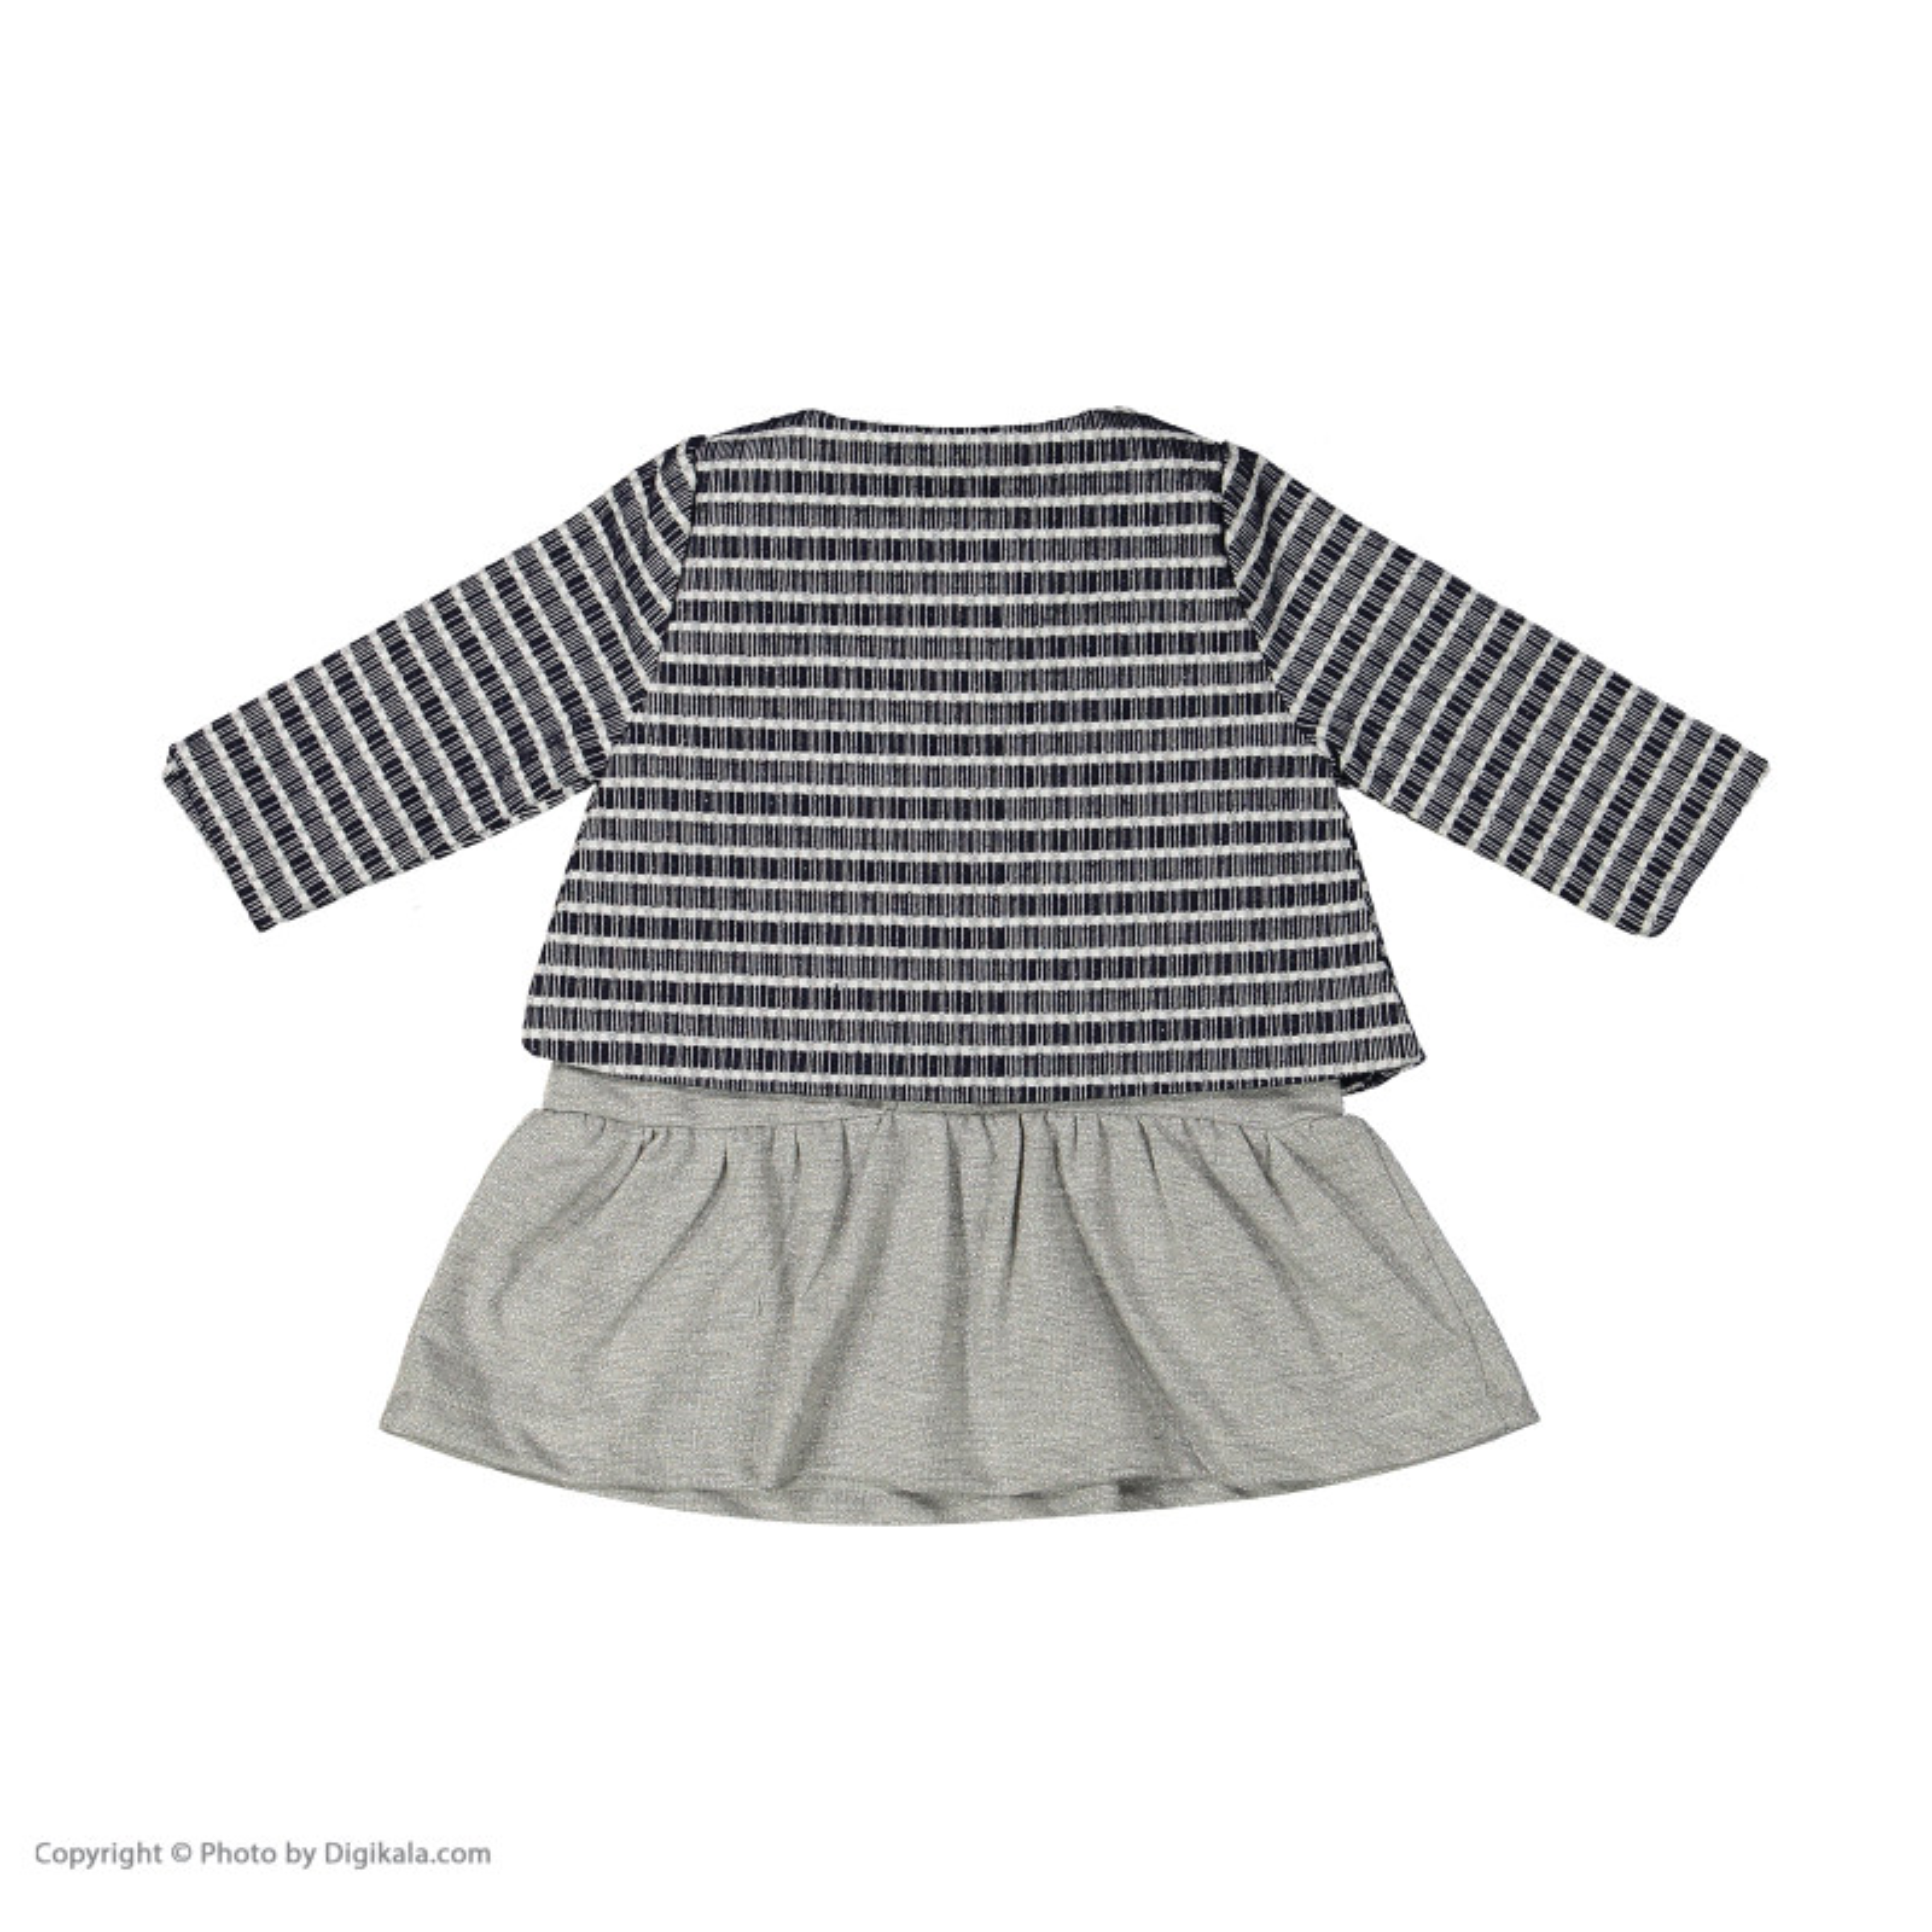 ست کت و پیراهن دخترانه فیورلا مدل 2091259-90